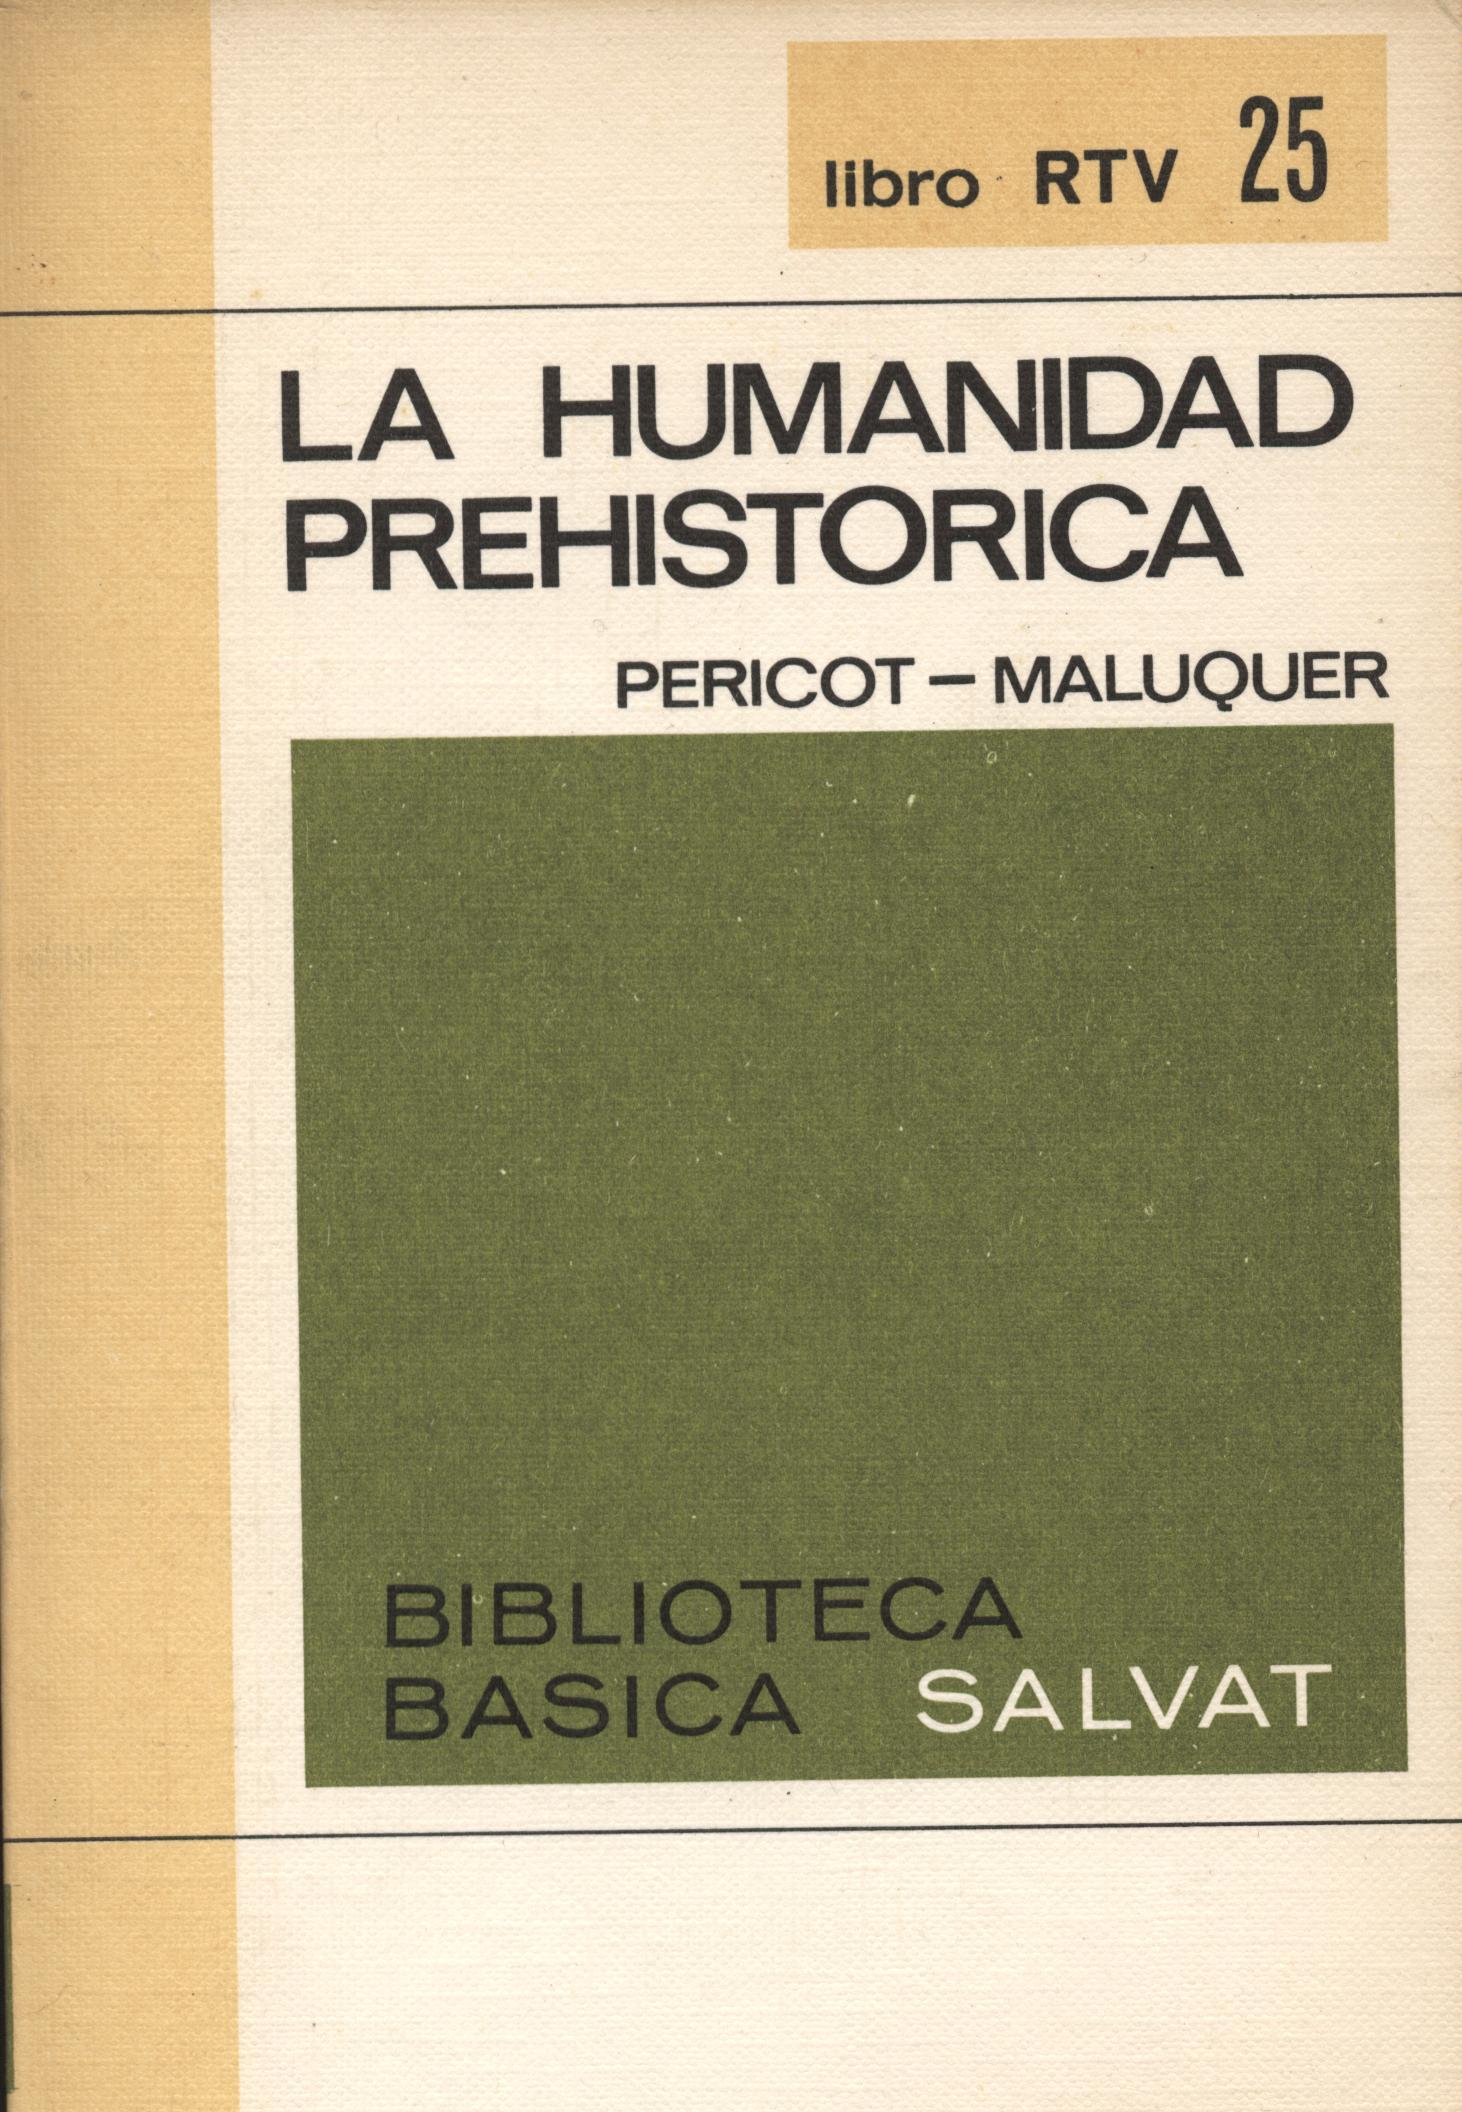 Venta online de libros de ocasión como La humanidad prehistorica - Pericot y Maluquer en bratac.cat